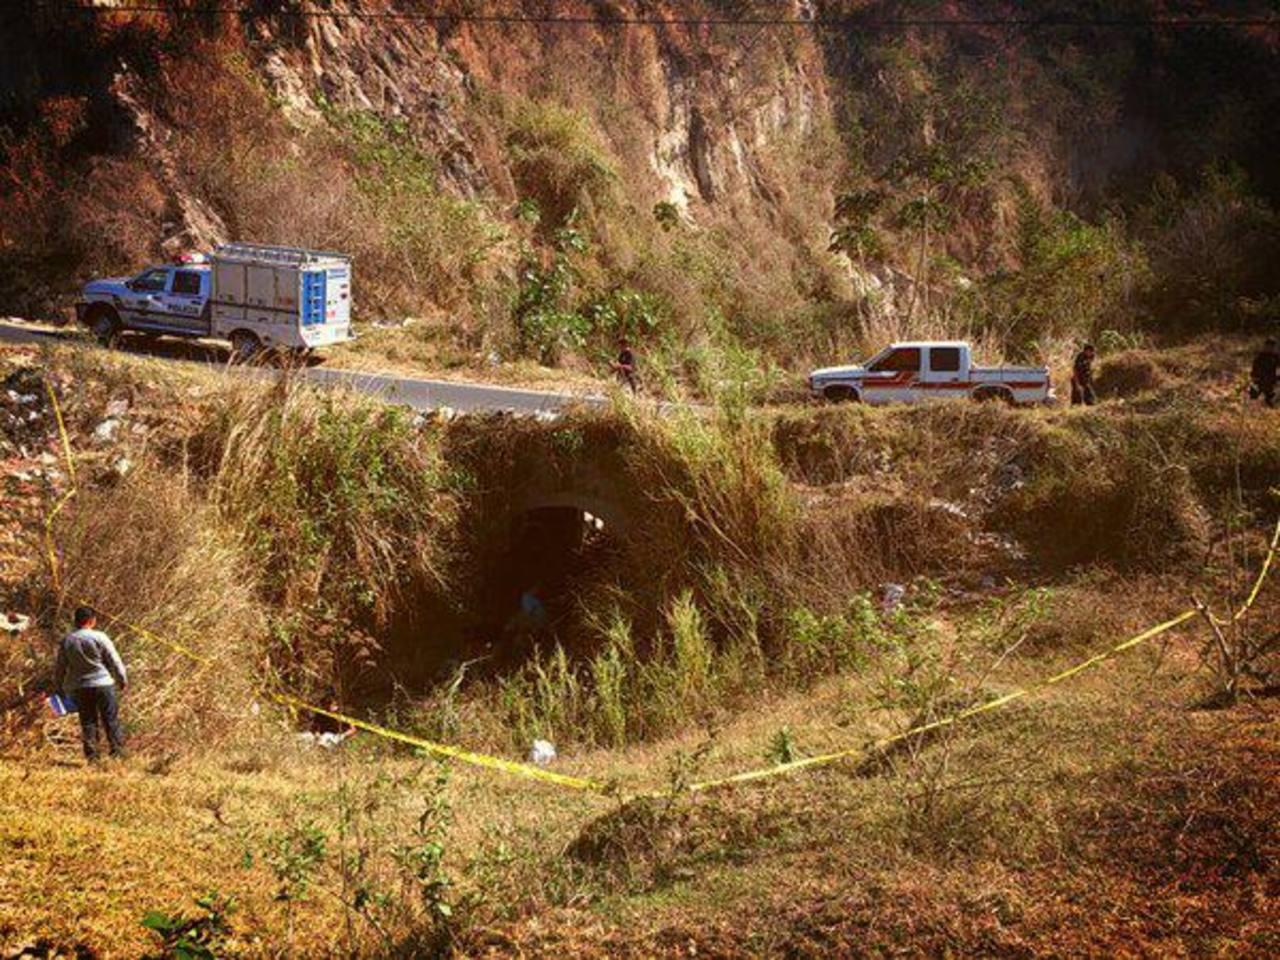 El cadáver fue hallado abajo de un puente, ubicado en calle antigua a Las Cañas, Ilopango. Foto vía Twitter Jaime Anaya